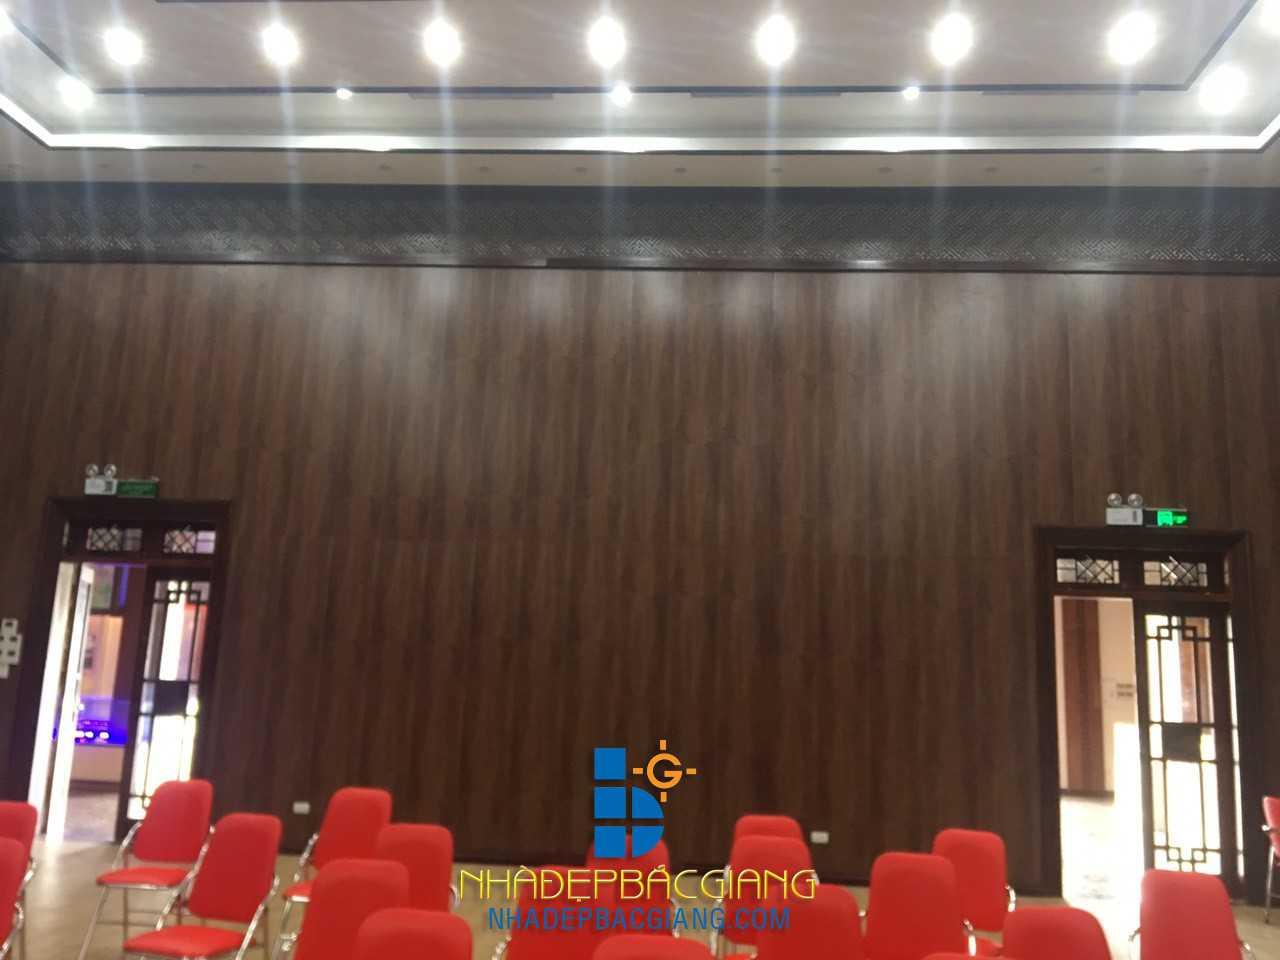 Nhà trưng bày Thành Xương Giang thành phố Bắc Giang